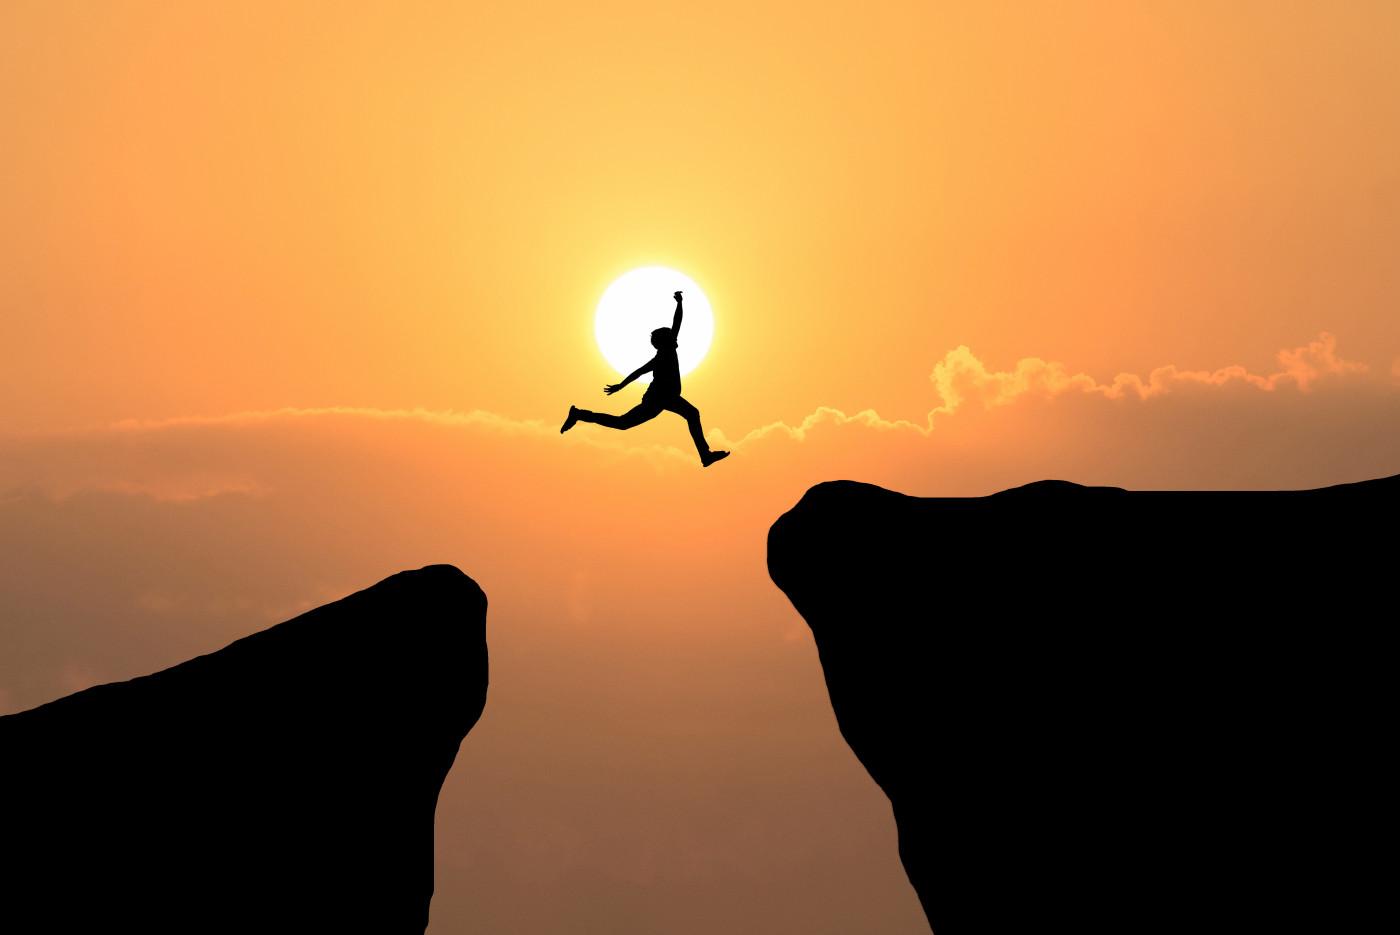 როდესაც ამას შეძლებ, შენ შეძლებ თავად მართო შენი ცხოვრება!